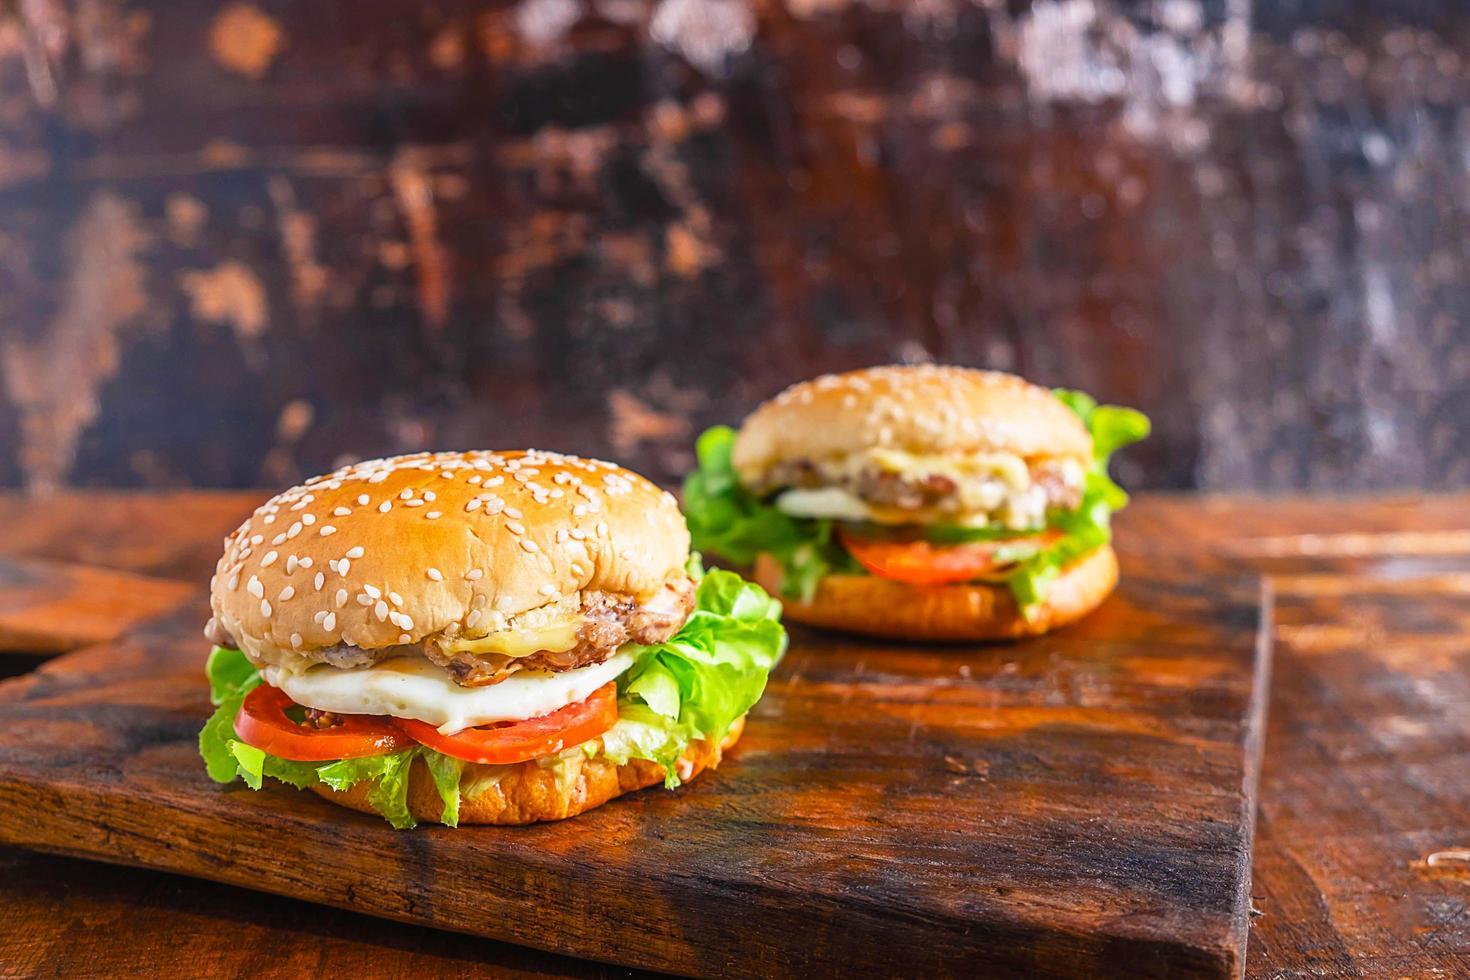 två hamburgare på ett bord foto